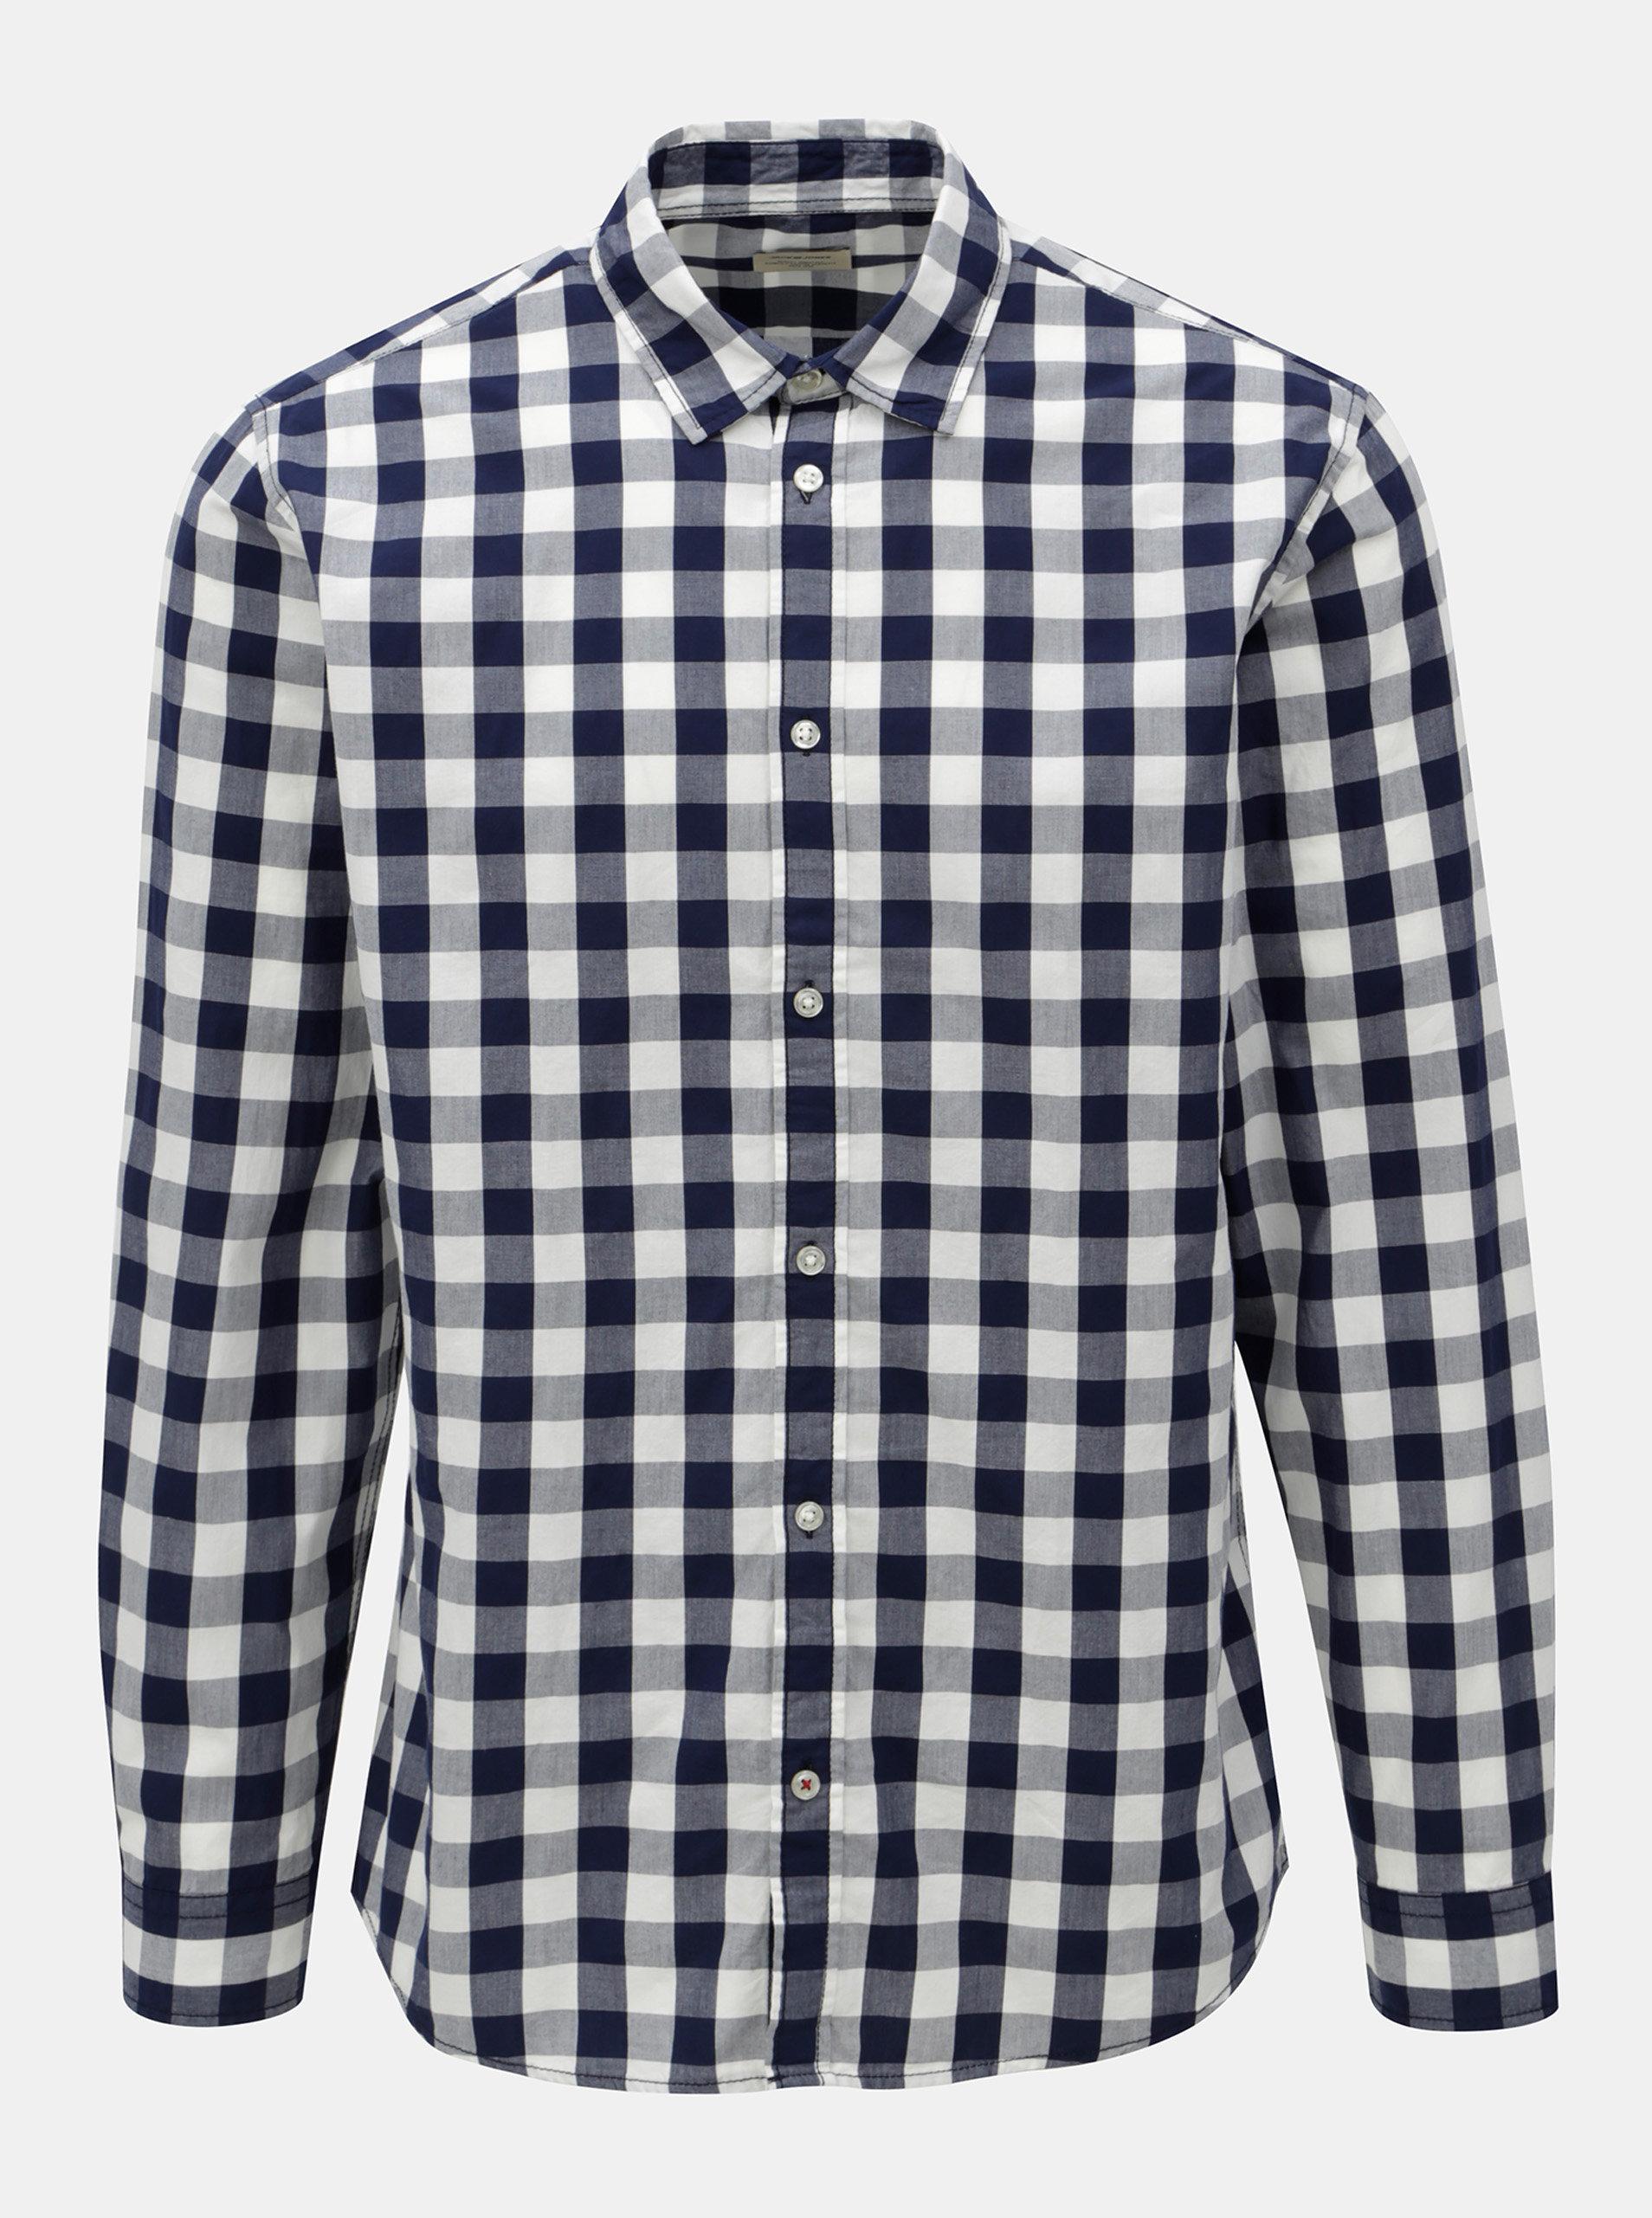 4baeaf9147b5 Bielo-modrá kockovaná košeľa s dlhým rukávom Jack   Jones Gingham ...